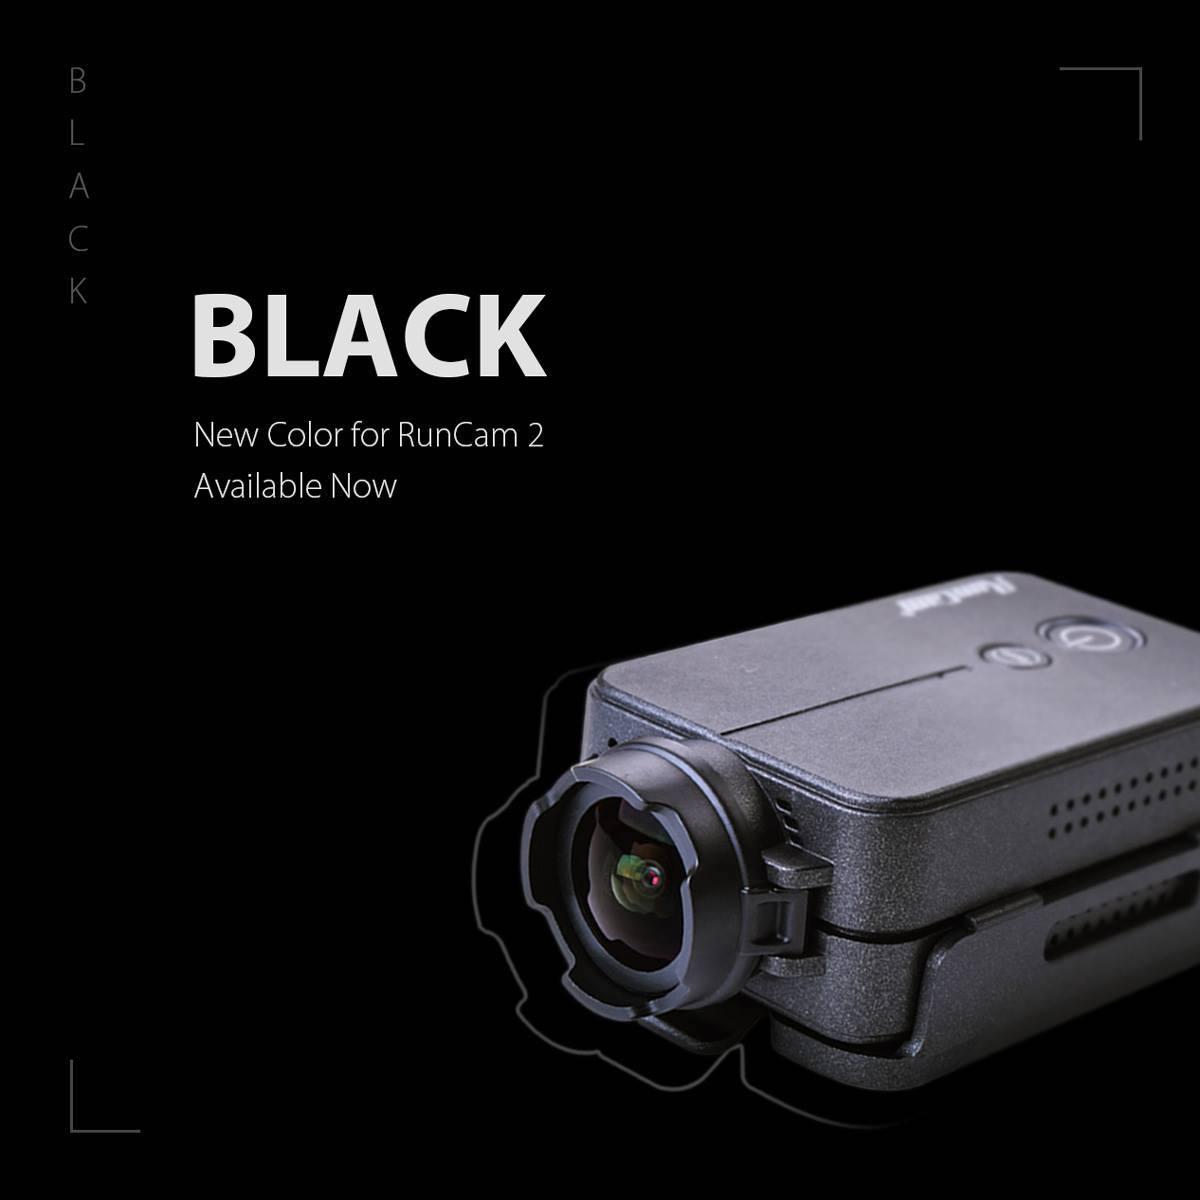 New Colour for RunCam 2 - BLACK